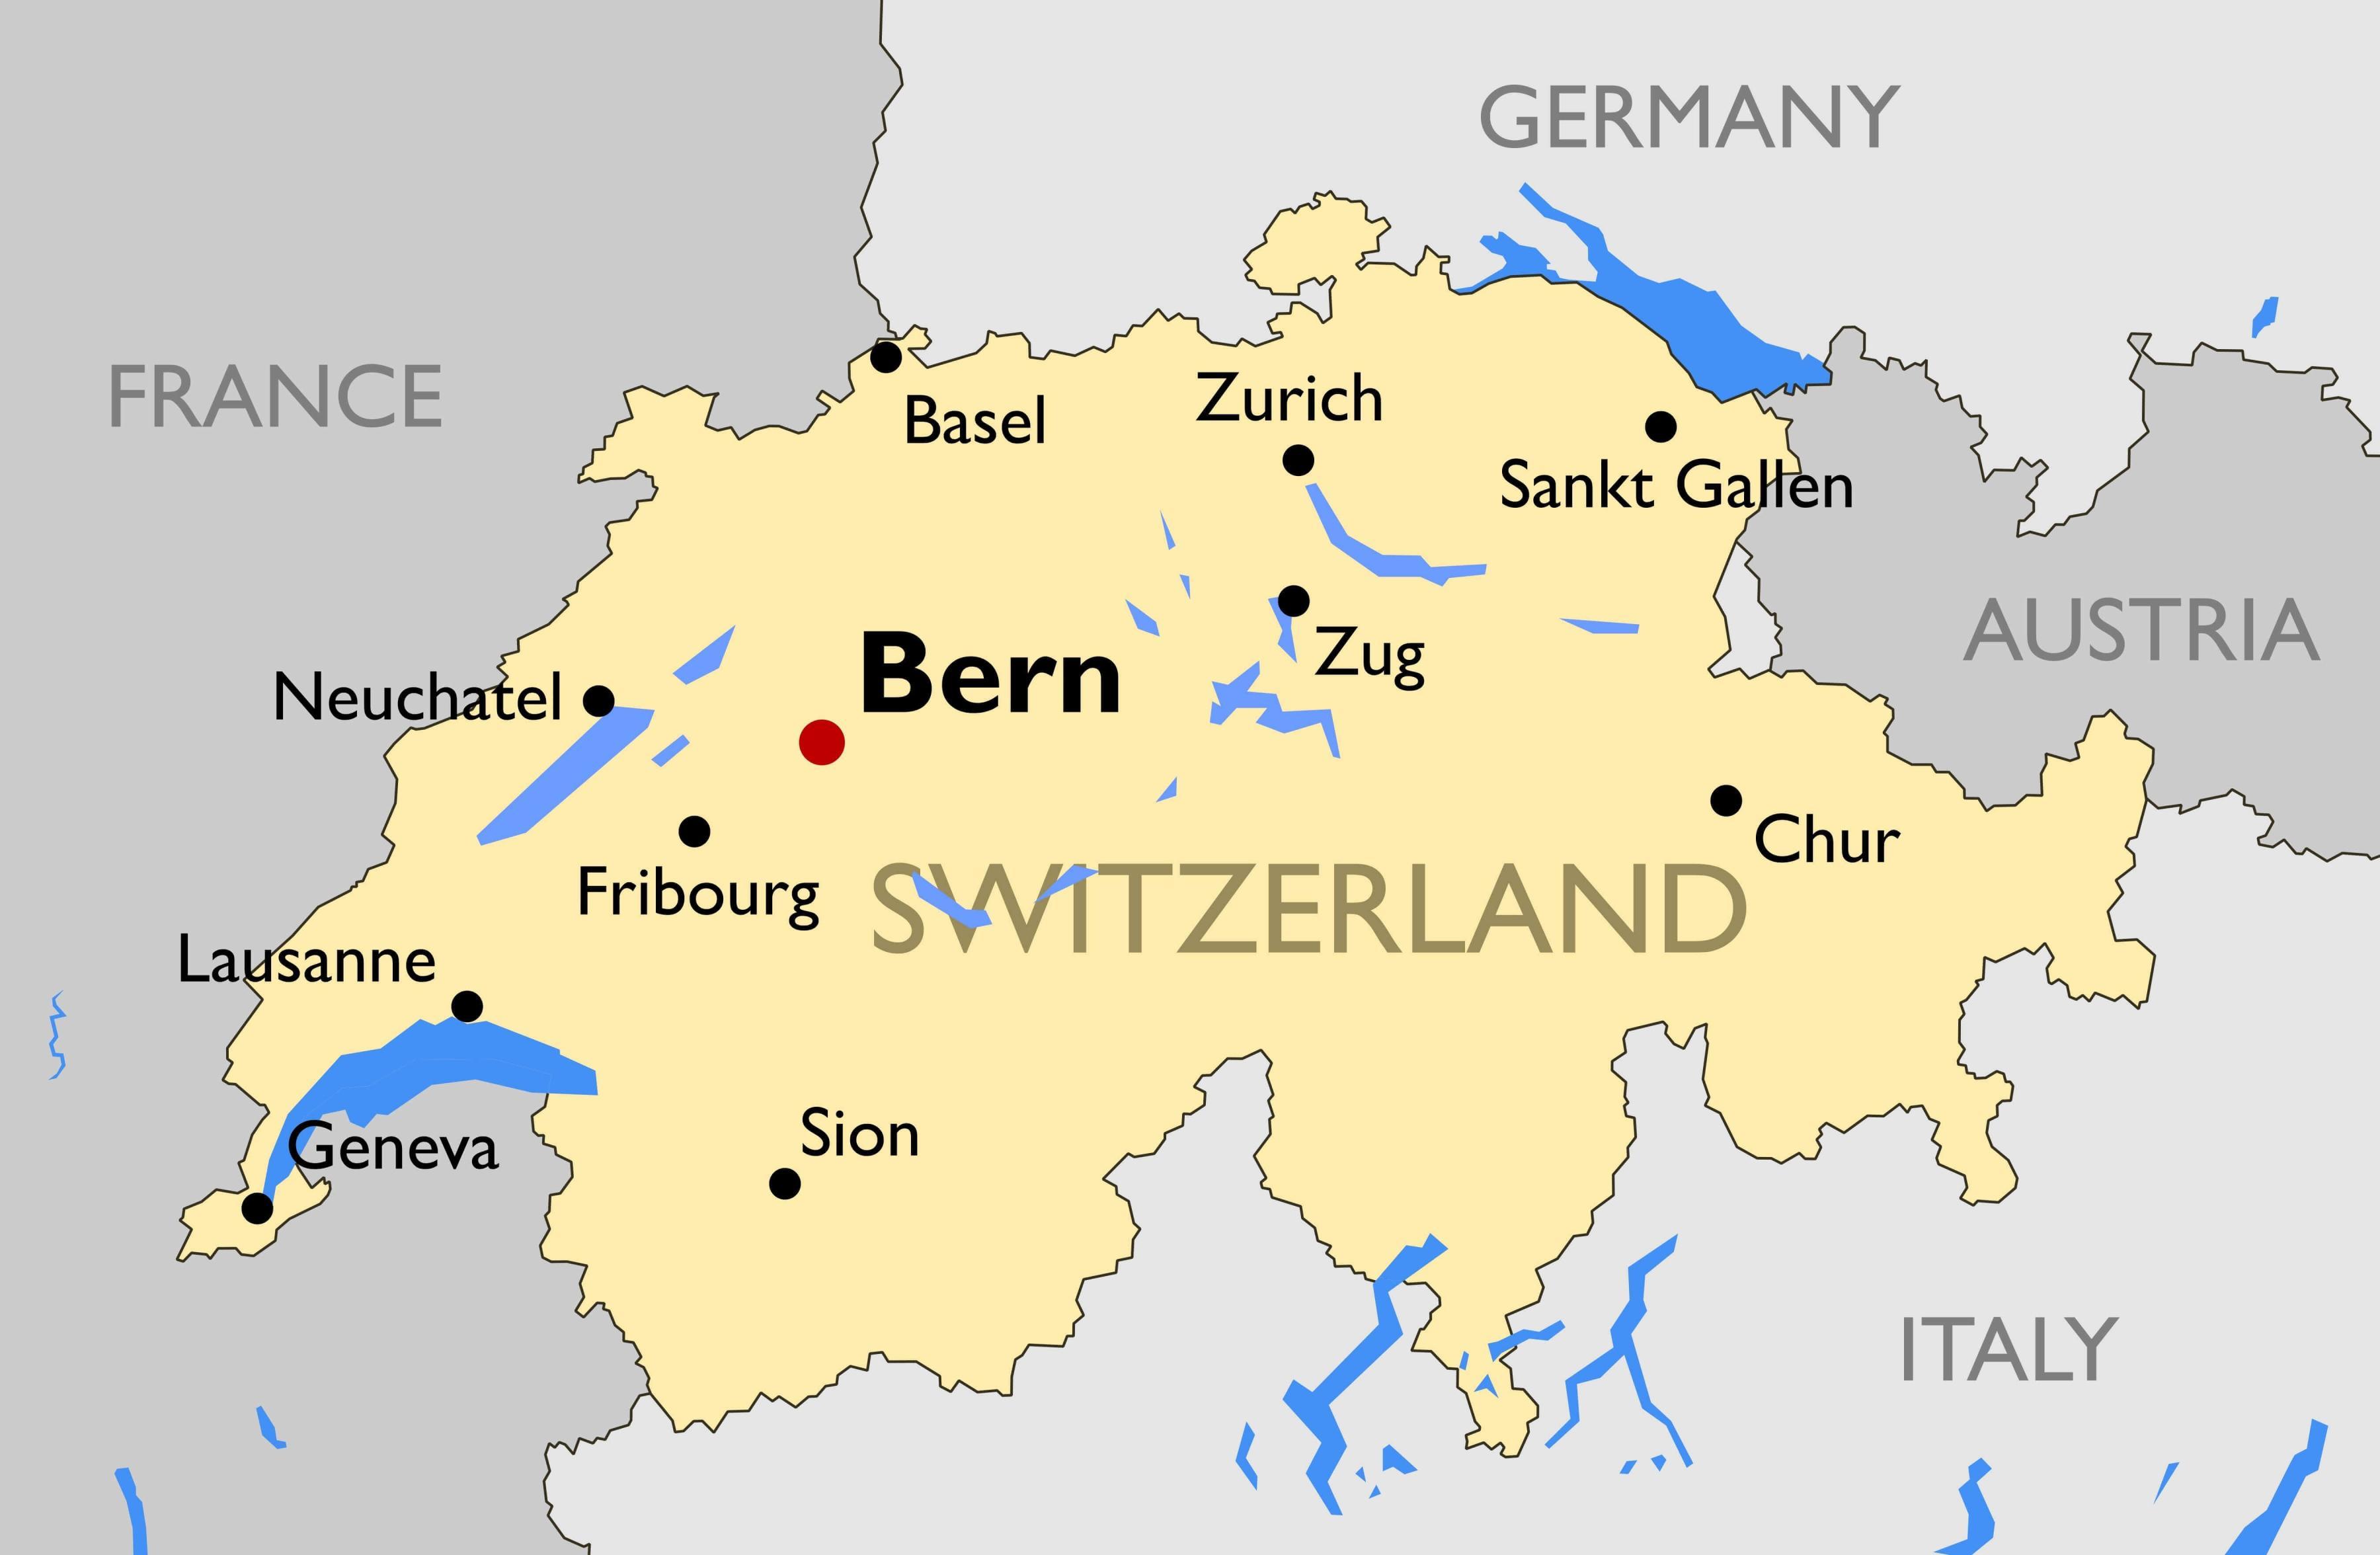 Svizzera Cartina.Svizzera Citta Mappa Cartina Della Svizzera Con Le